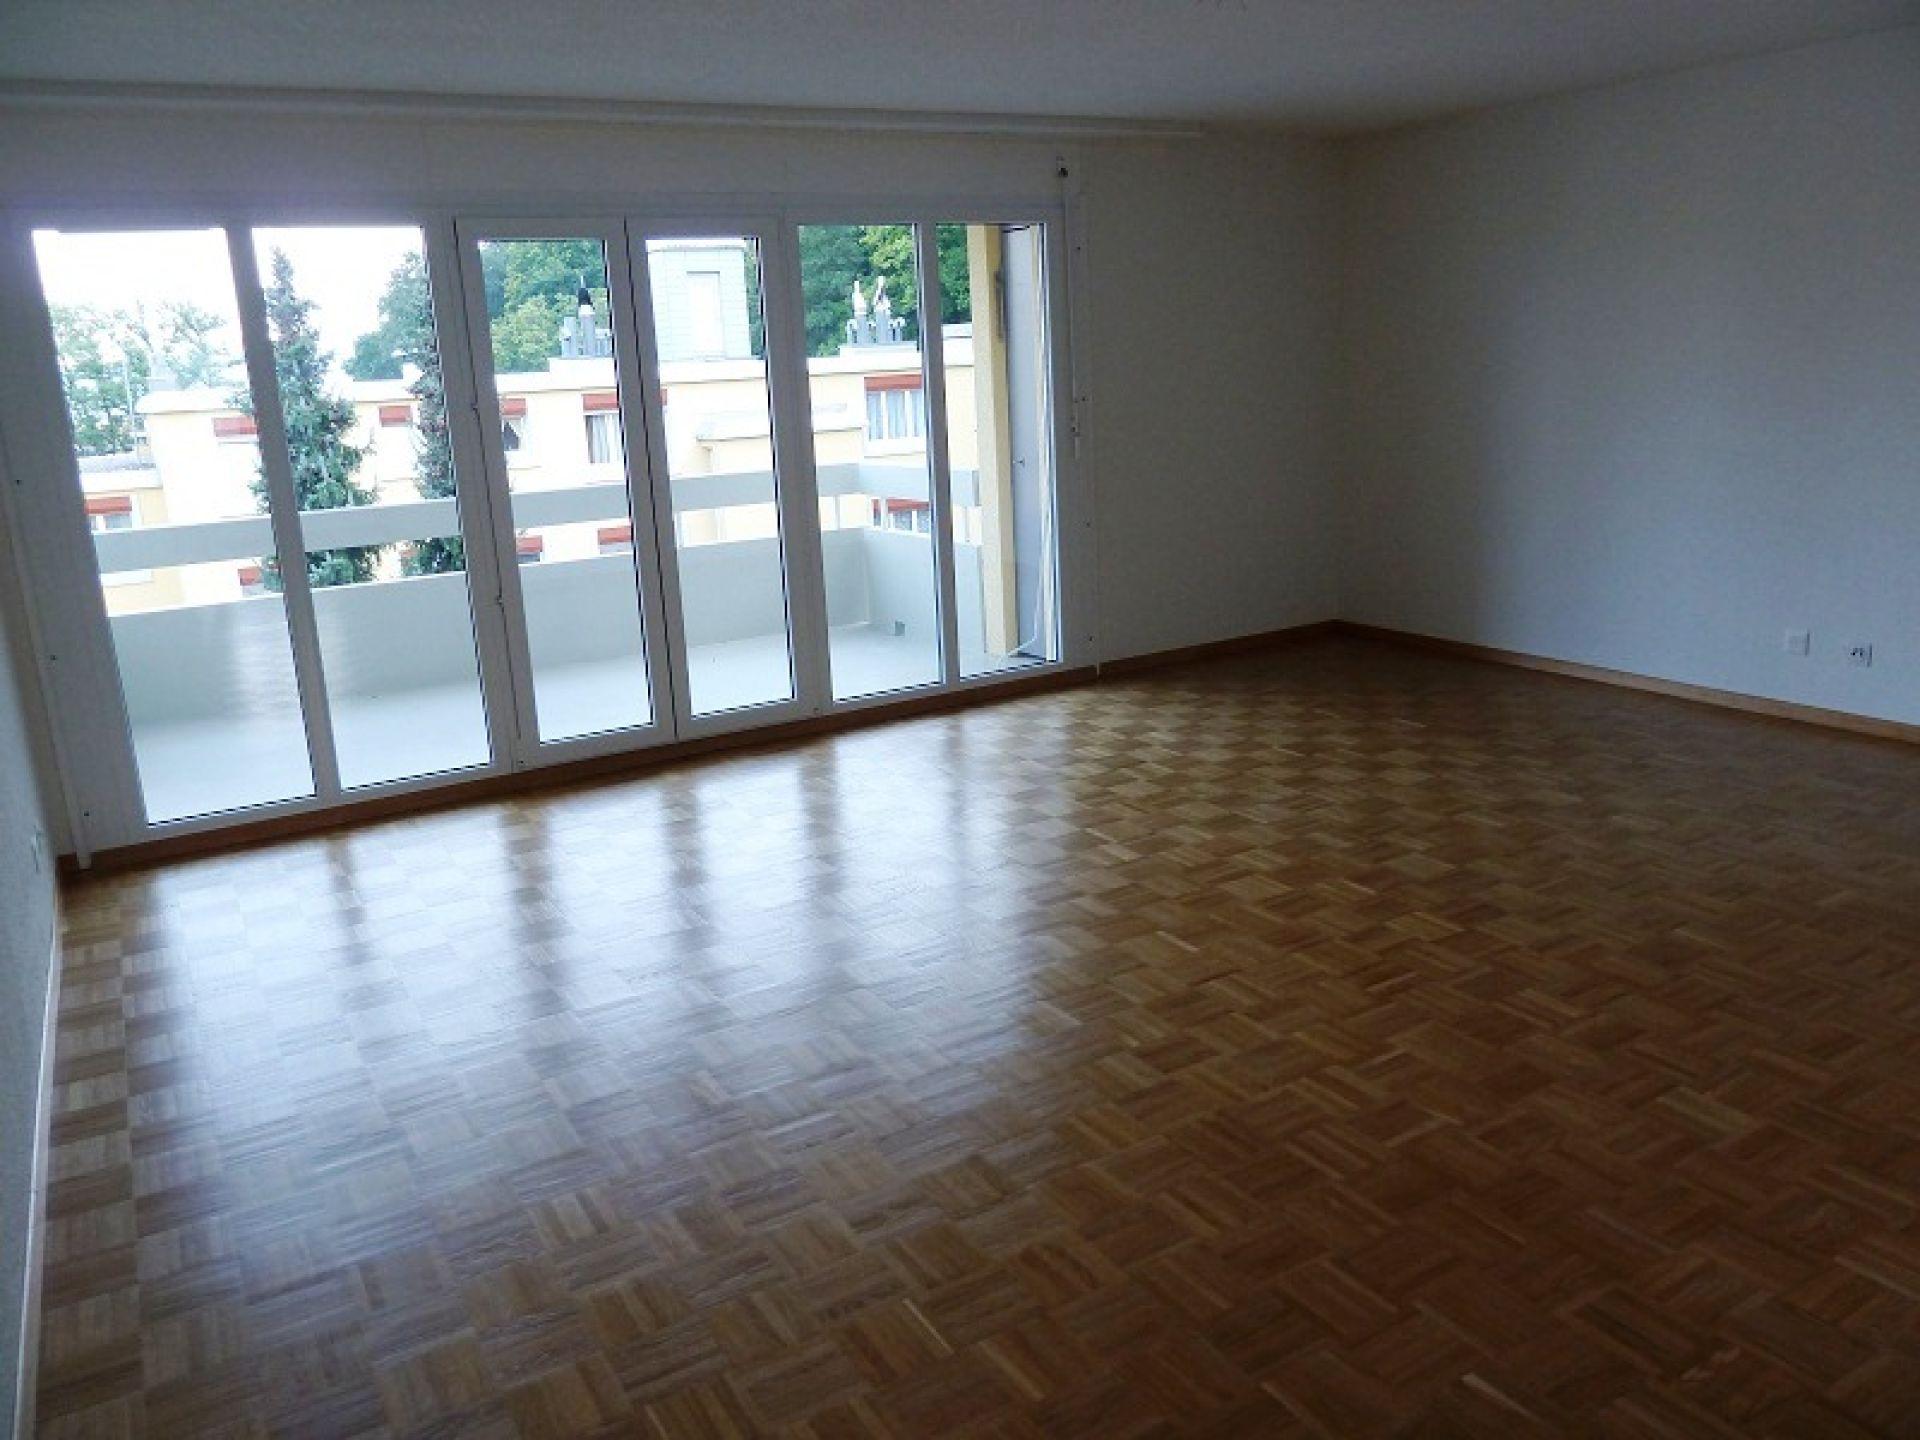 Miete: schöne Wohnung mit Aussicht ins grüne